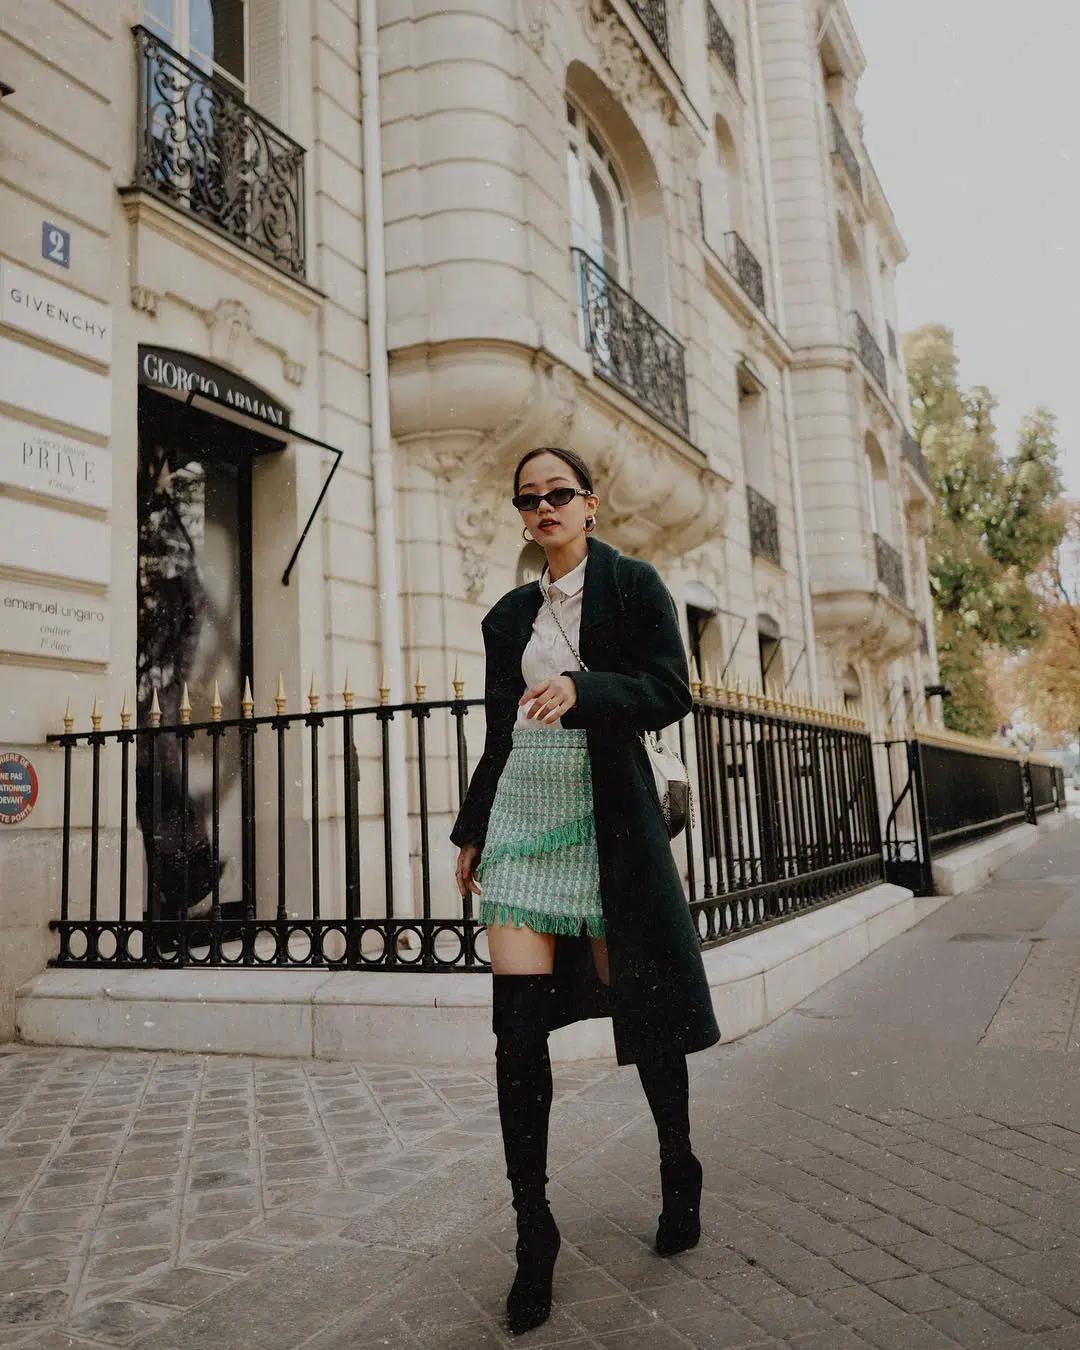 Mix & Phối - Hội mặc đẹp đưa ra loạt dẫn chứng cực xịn về lý do chọn 3 kiểu giày này khi mặc áo khoác dáng dài - chanvaydep.net 13